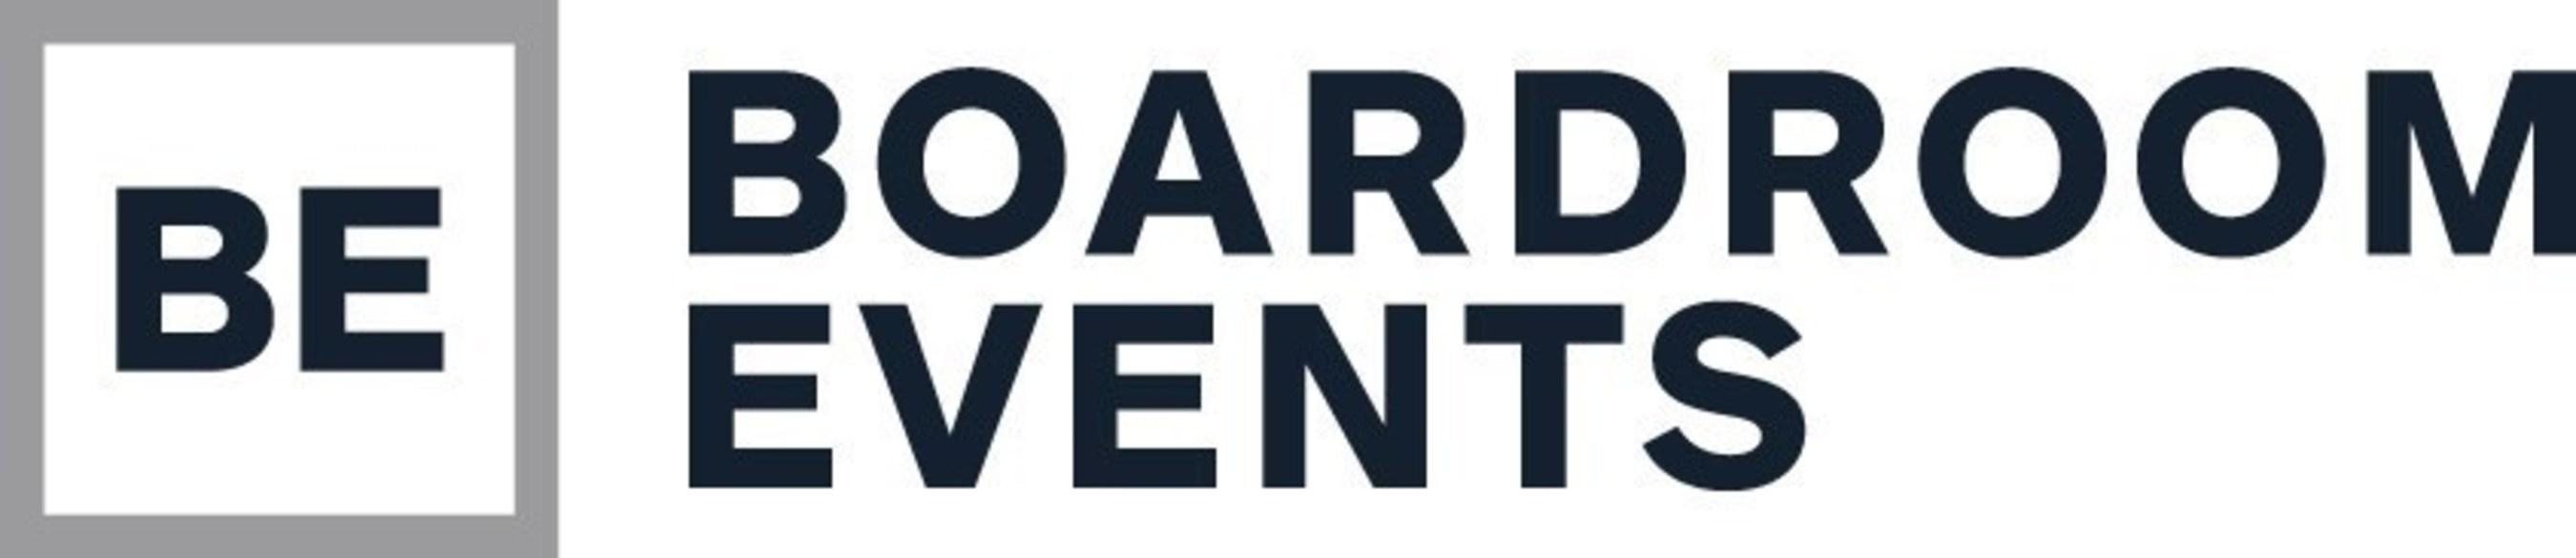 Boardroom Events Logo